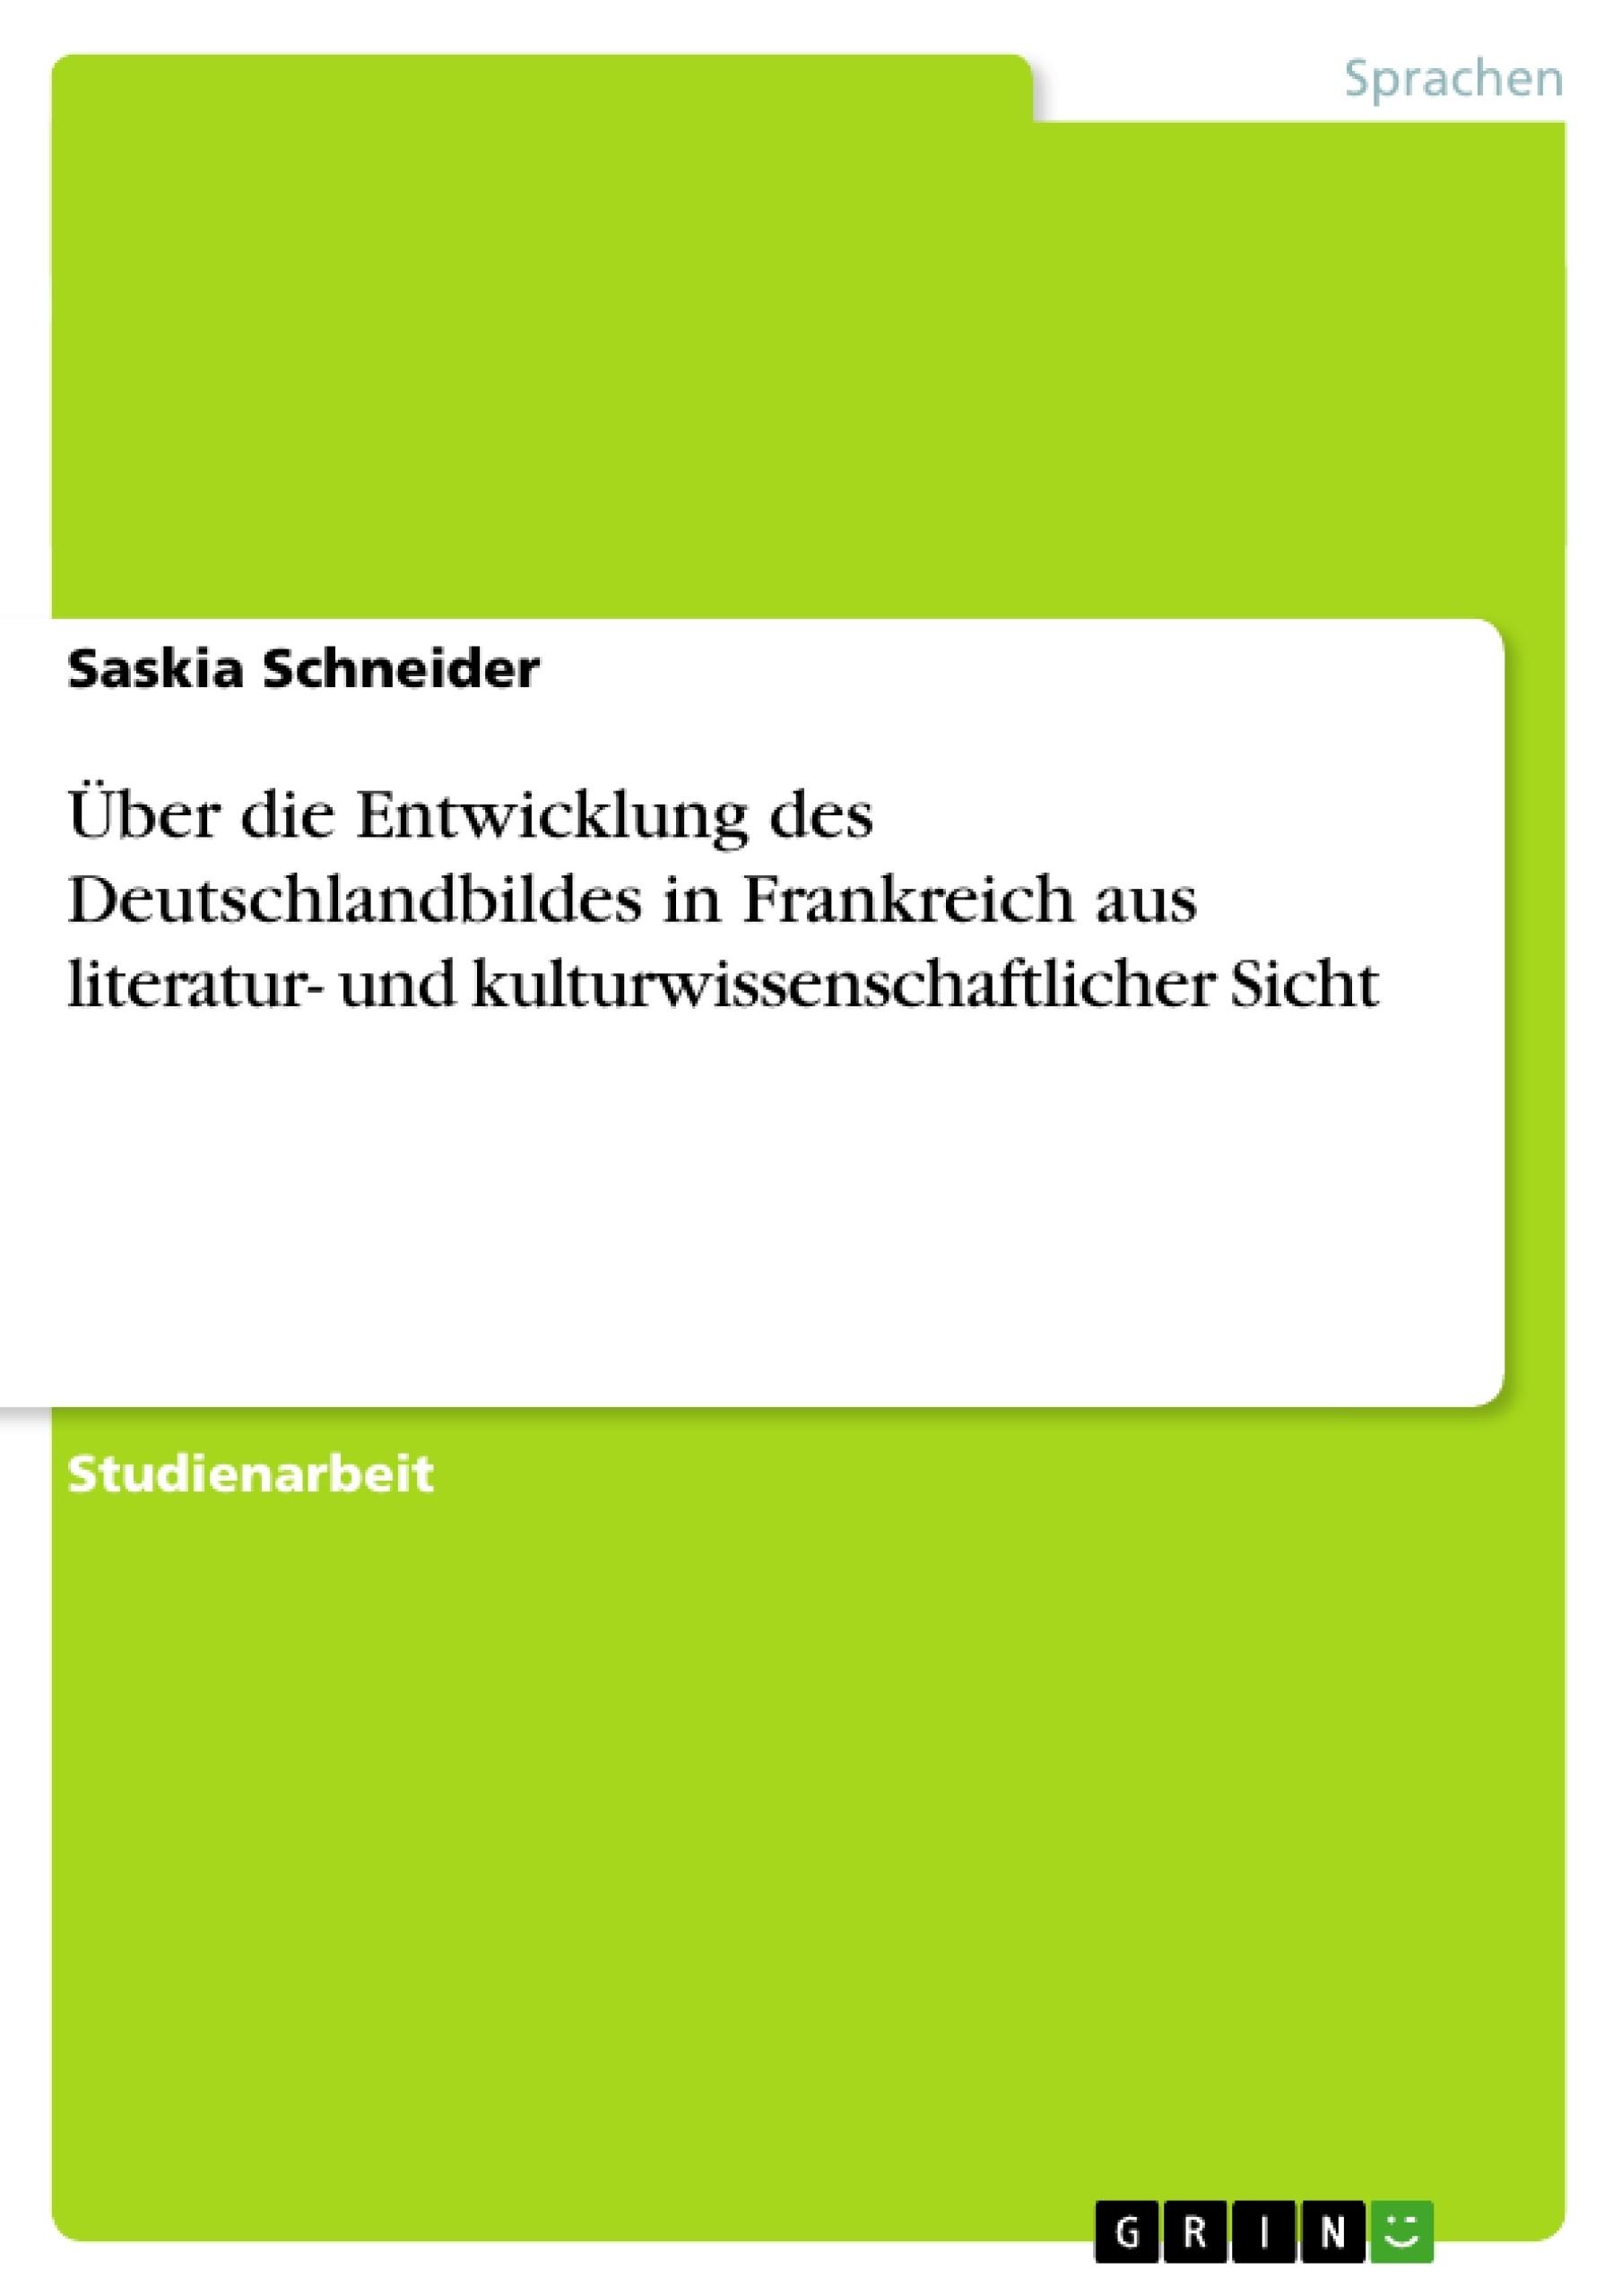 Titel: Über die Entwicklung des Deutschlandbildes in Frankreich aus literatur- und kulturwissenschaftlicher Sicht